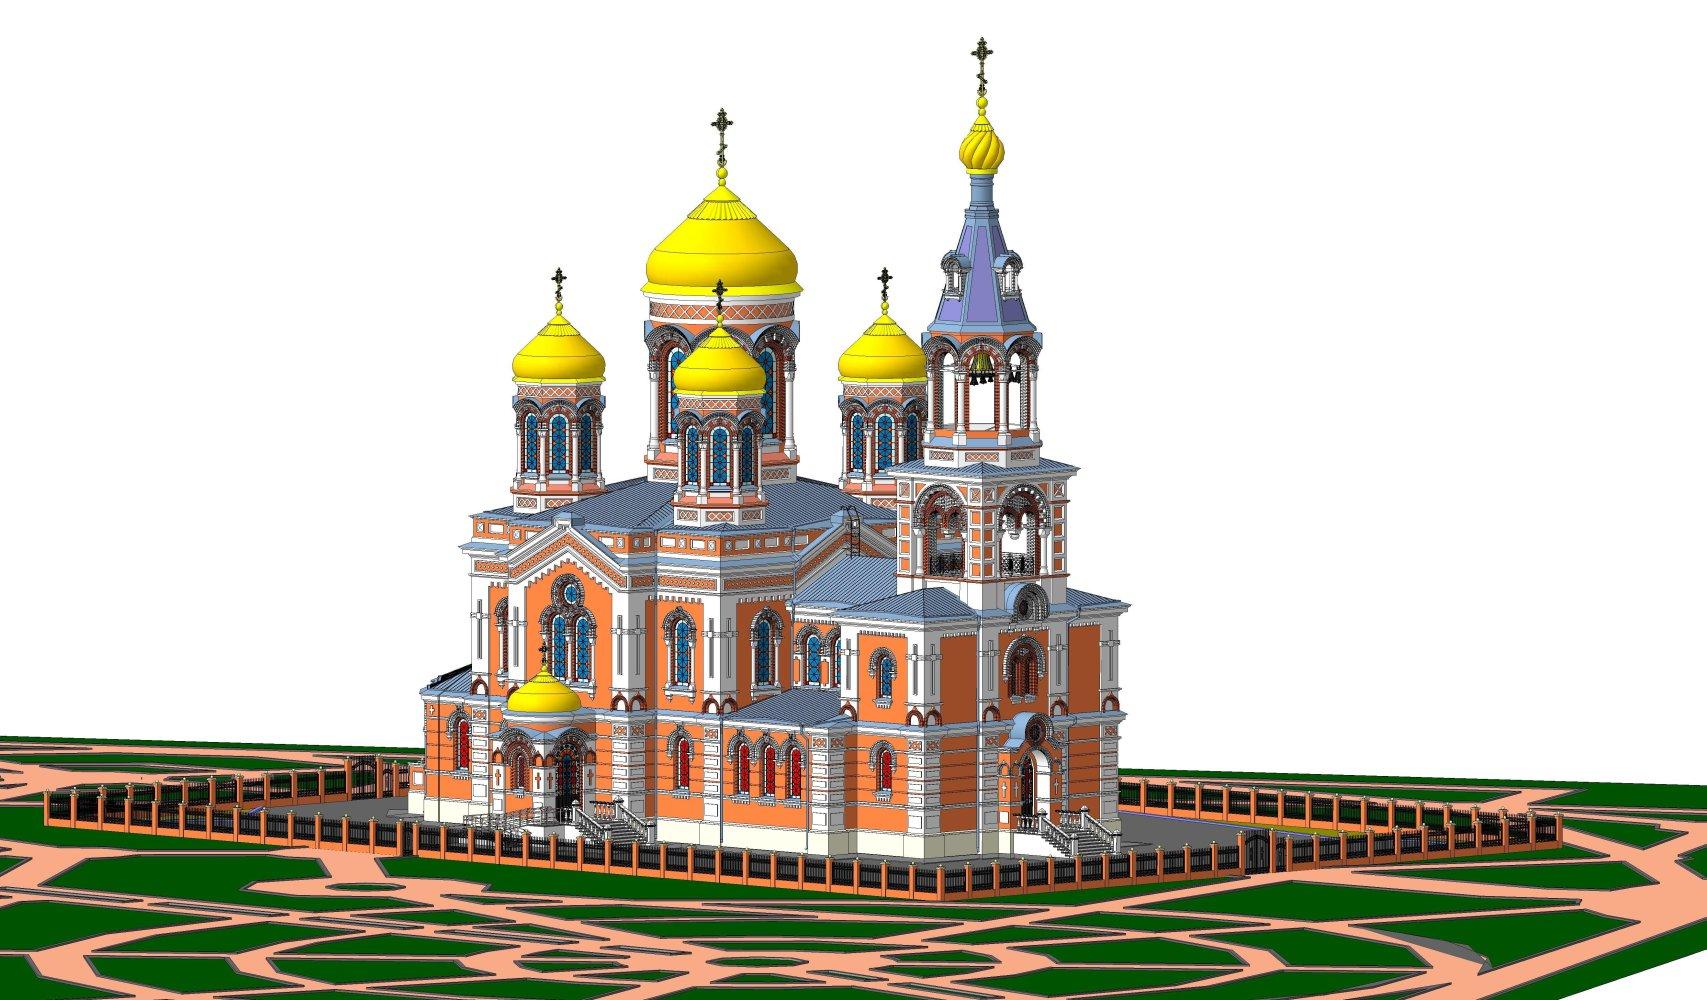 Воссоздание Введенского храма, построенного в г. Краснодаре по проекту архитектора А.П. Косякина (Дробжева Оксана)